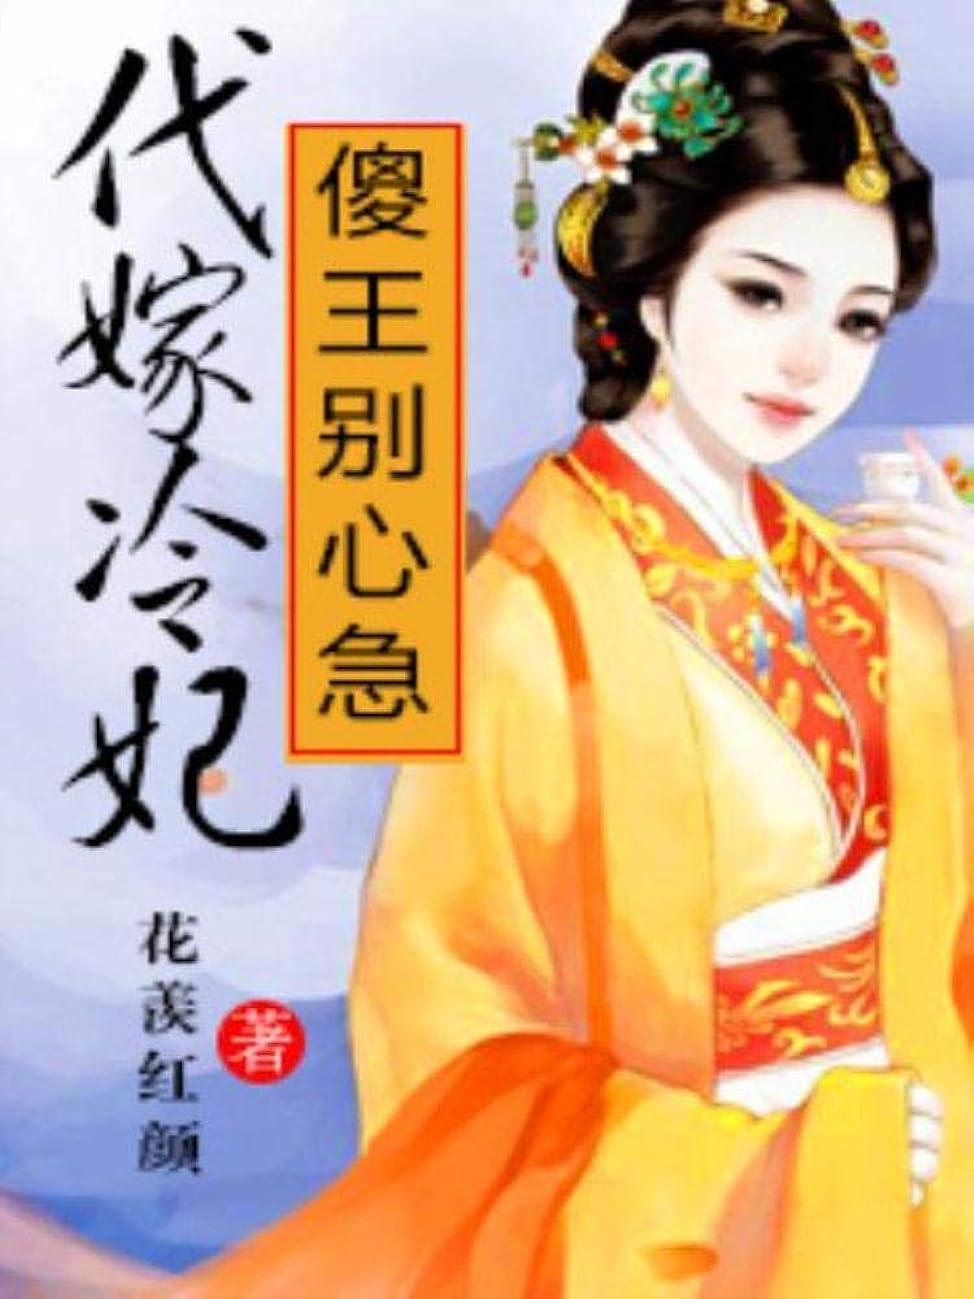 代嫁冷妃:傻王別心急! 3 (Traditional Chinese Edition)